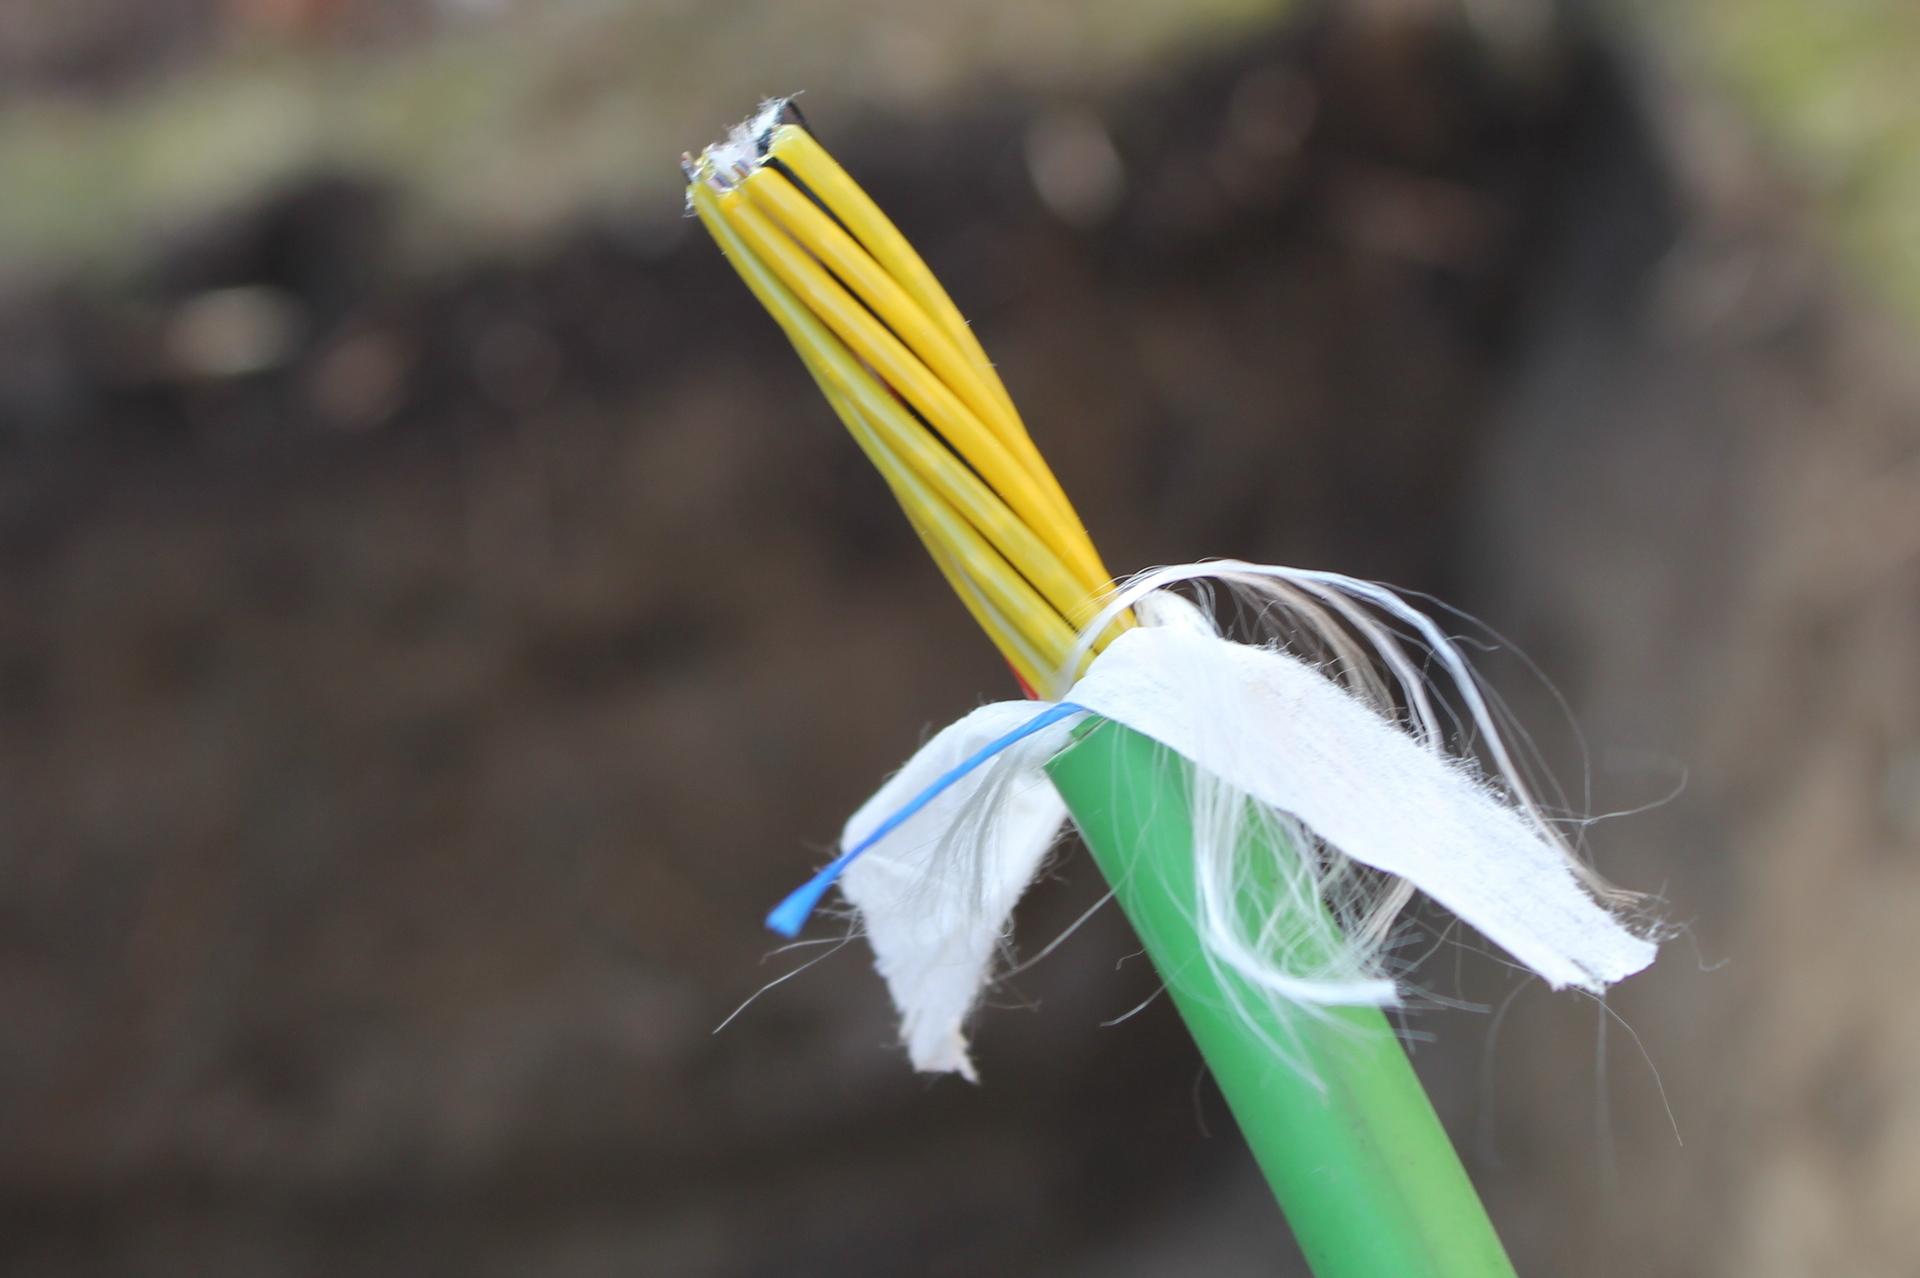 Så här ser fiberkabeln ut